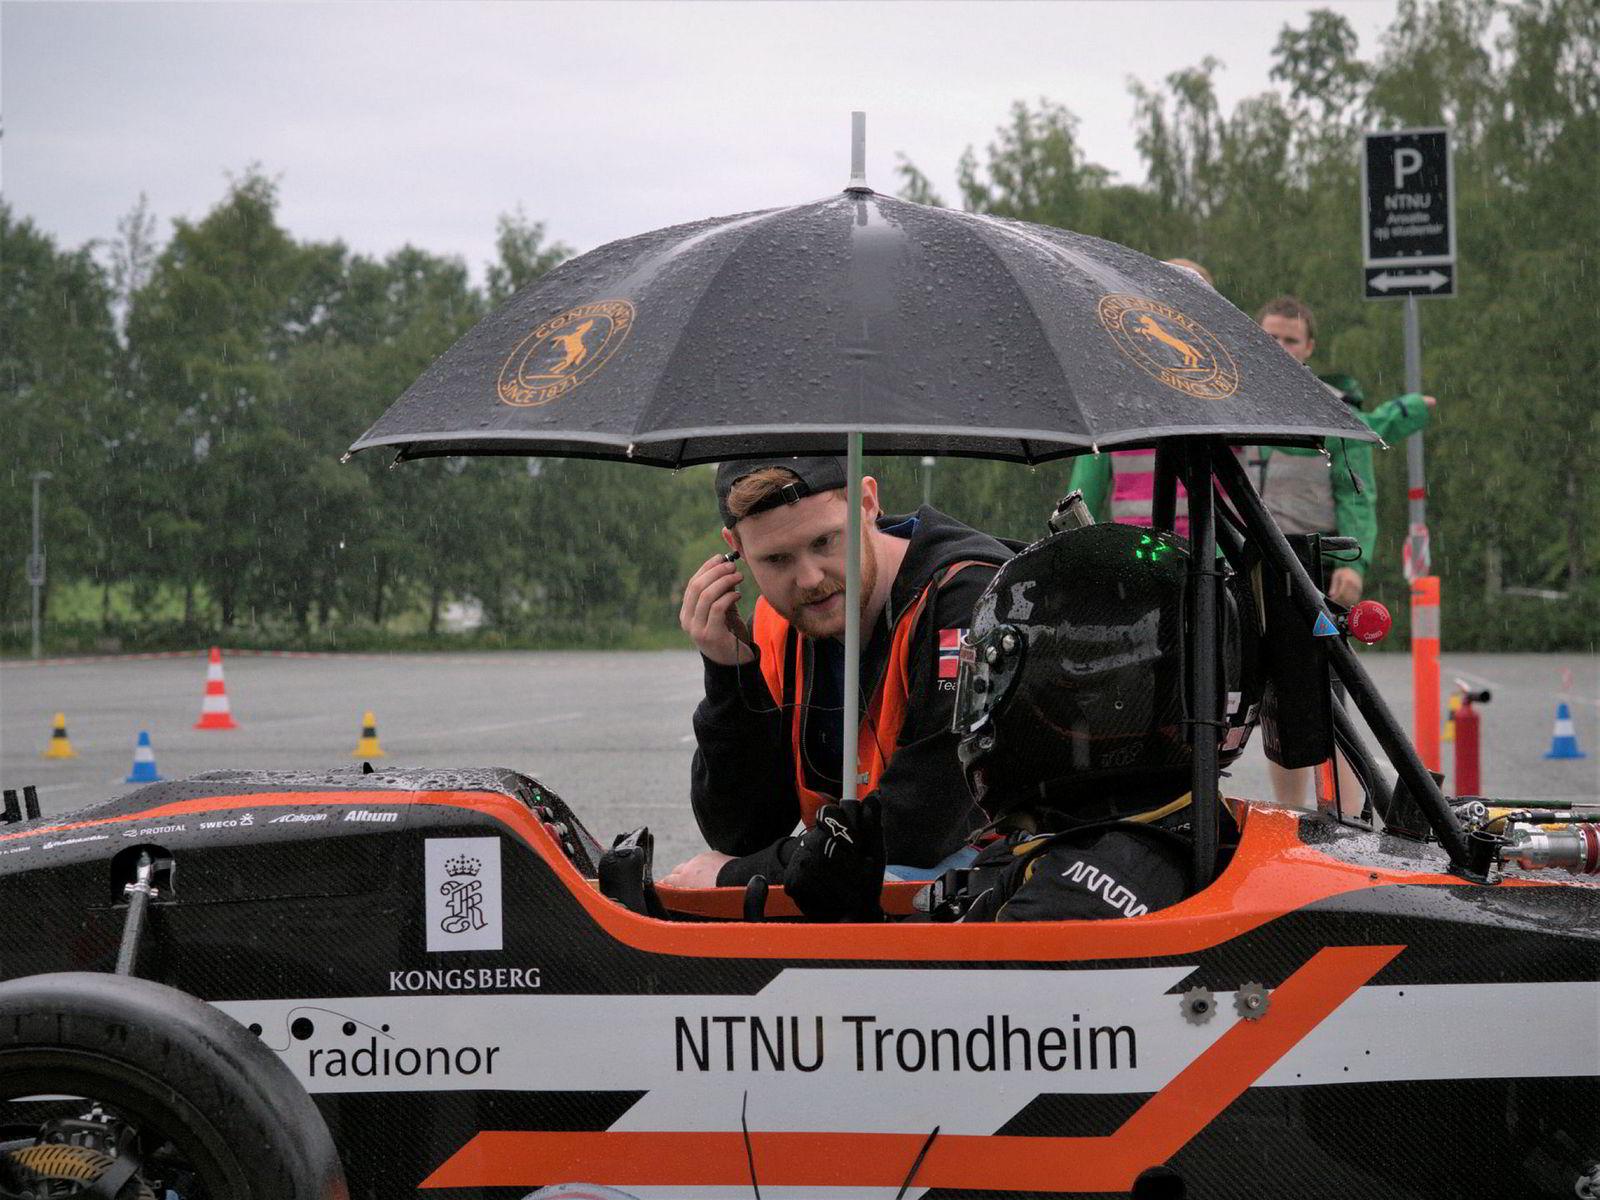 Sjåfør Asier Baescoechea er klar for å teste årets racerbil. Her sammen med Amund Fjøsne.